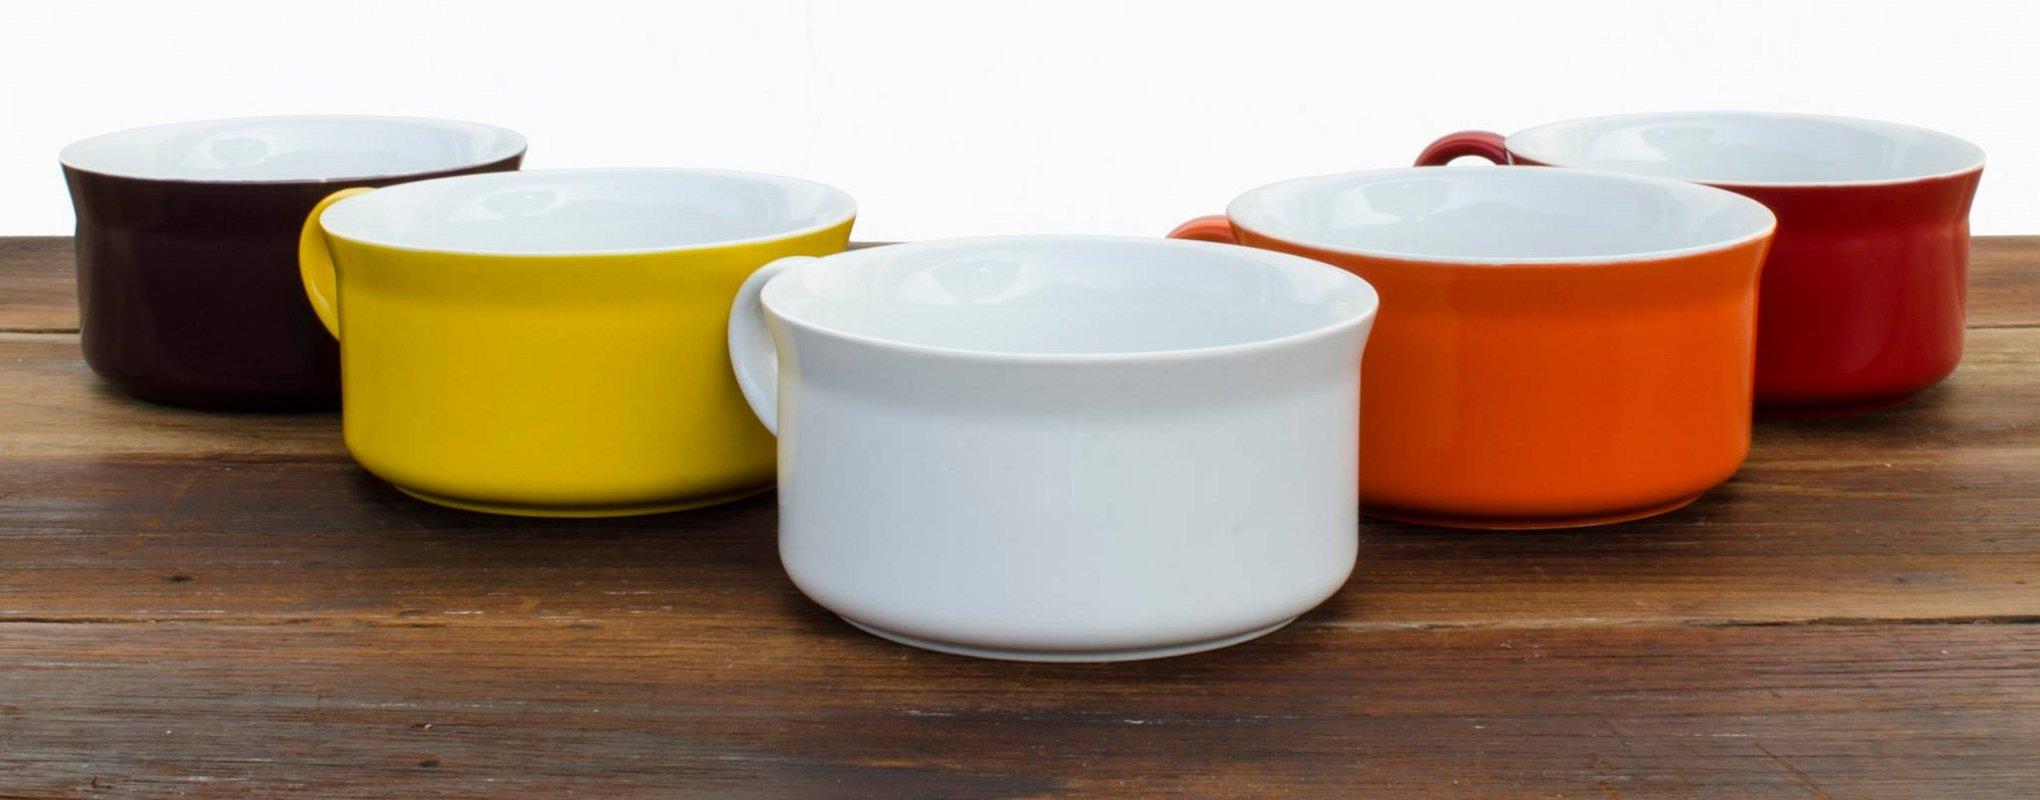 Новинки керамической посуды от Ceraflame 2014 года. Коллекция кружек для супа - вид А